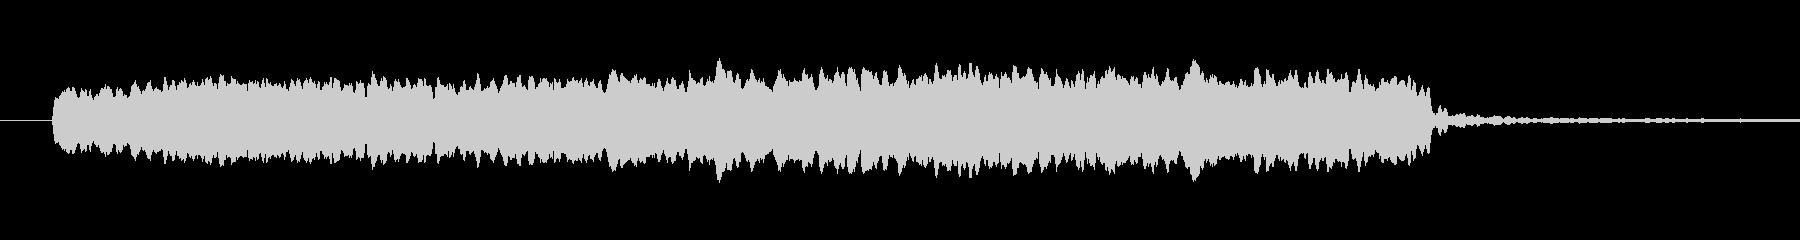 シングルブロー、ミディアムホイッス...の未再生の波形